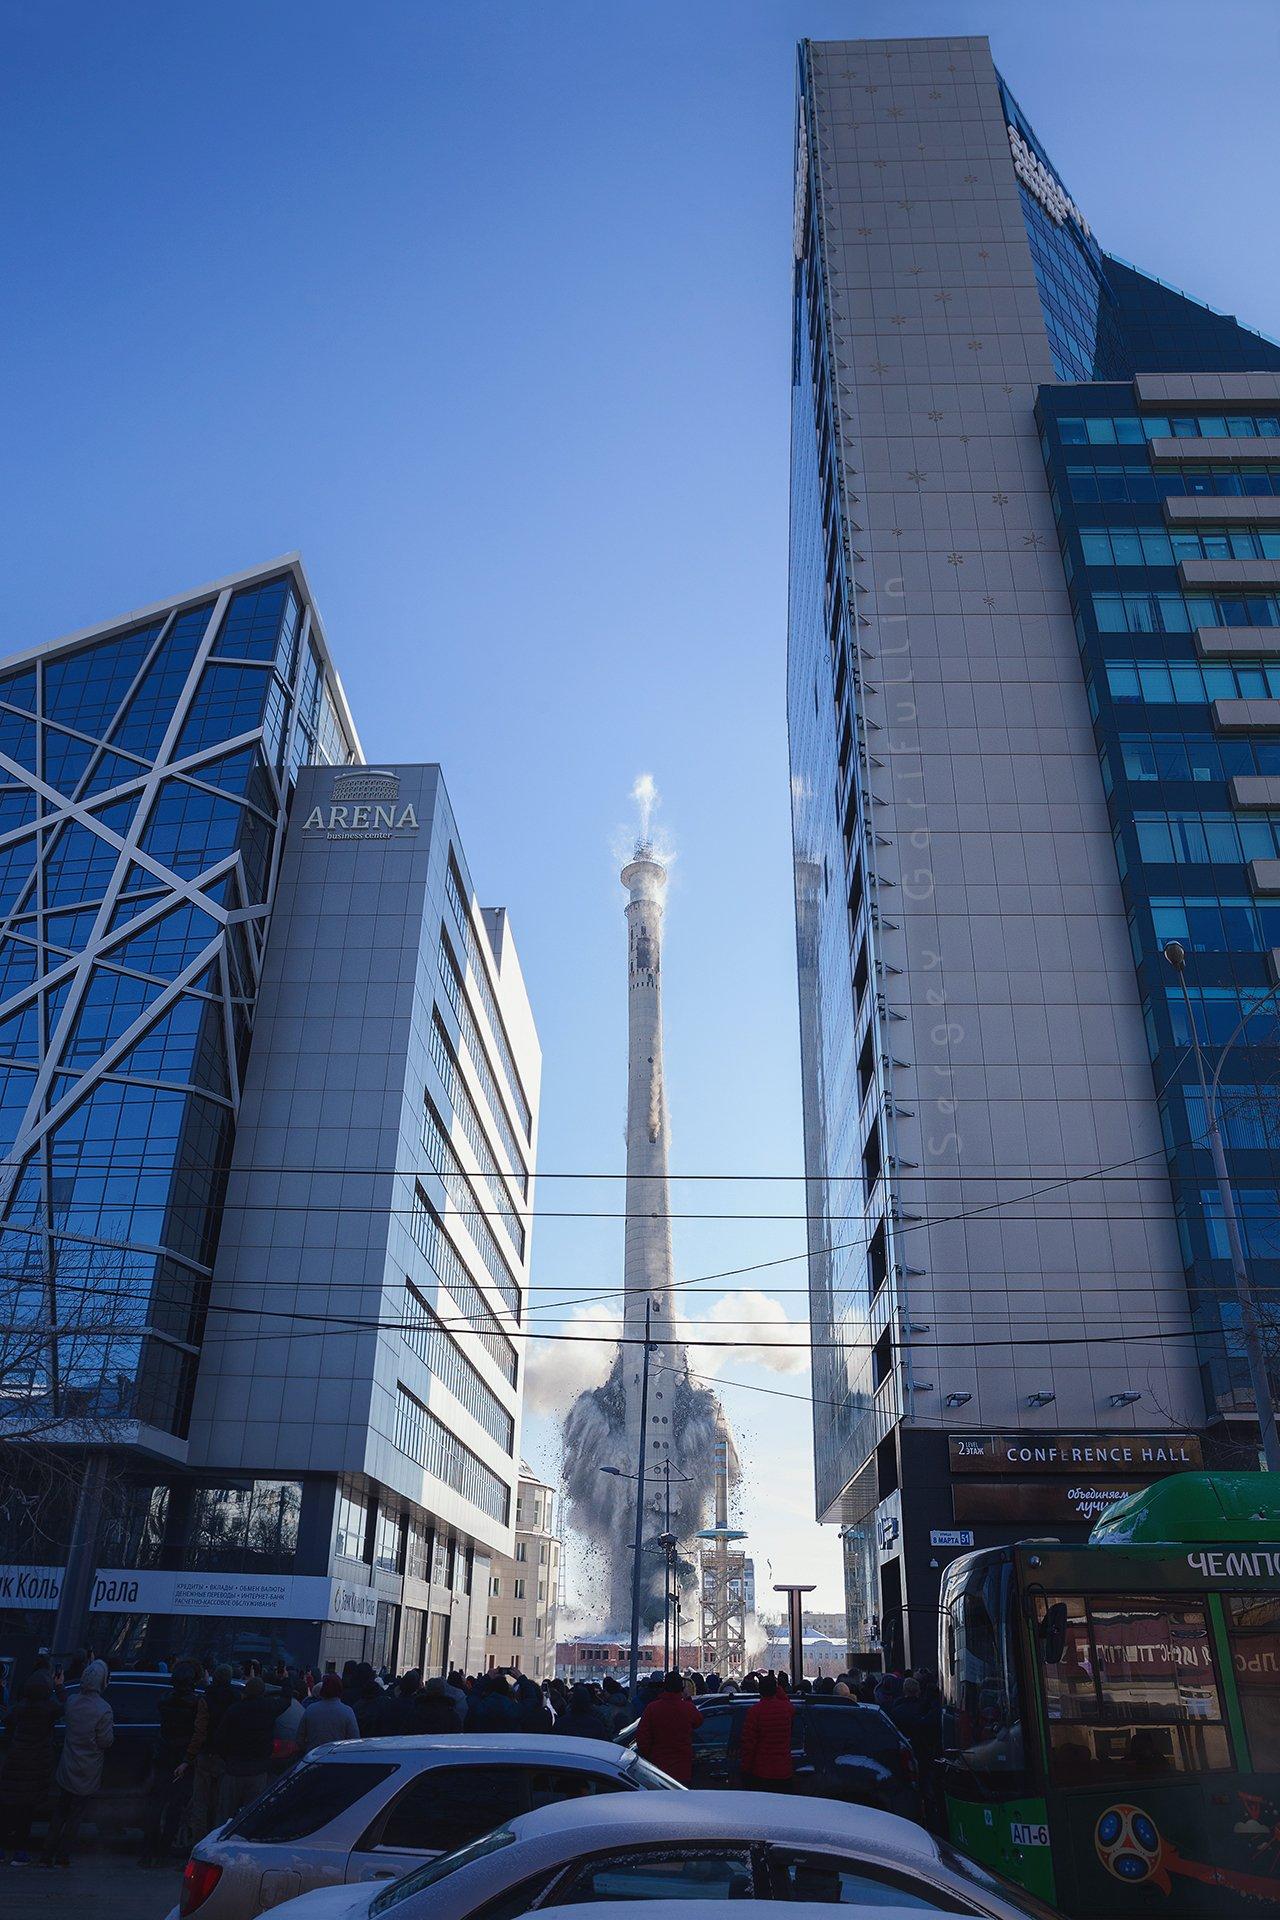 башня, телебашня, екатеринбург, взрыв башни, взрыв телебашни, Сергей Гарифуллин (http://sgarifullin.ru/)